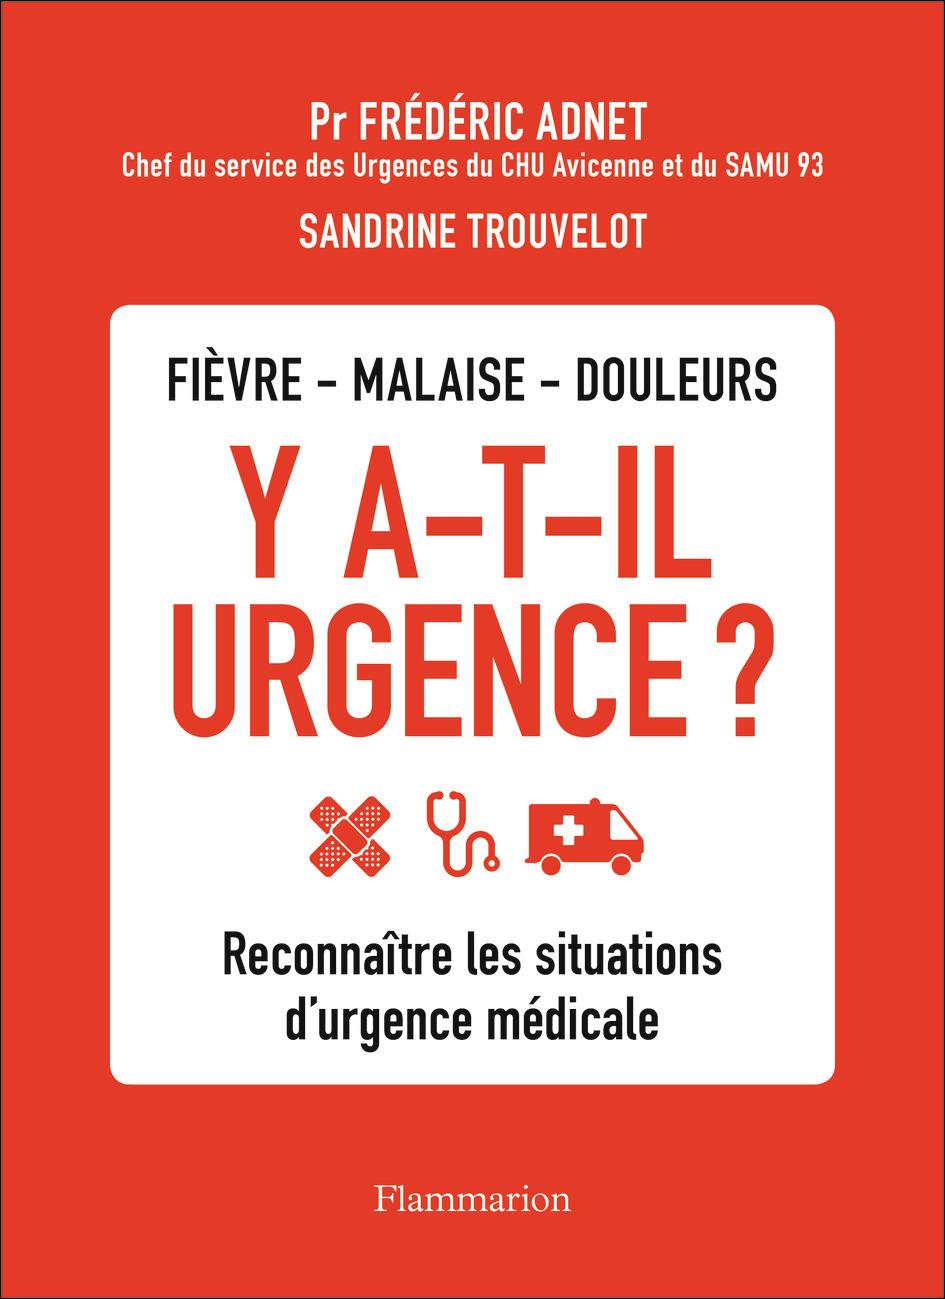 Y A-T-IL URGENCE? - RECONNAITRE LES SITUATIONS D'URGENCE MEDICALE